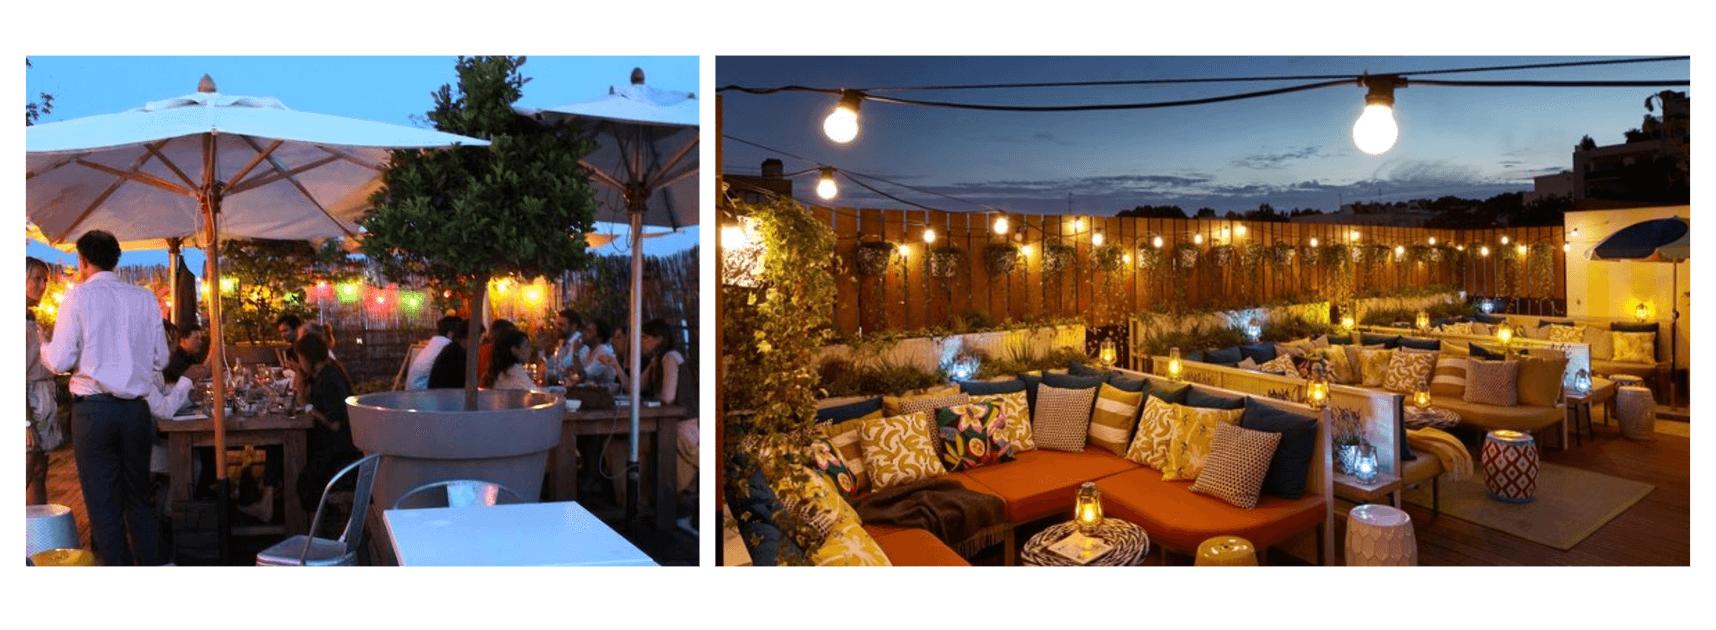 bares-em-paris-rooftop-mama-shelter